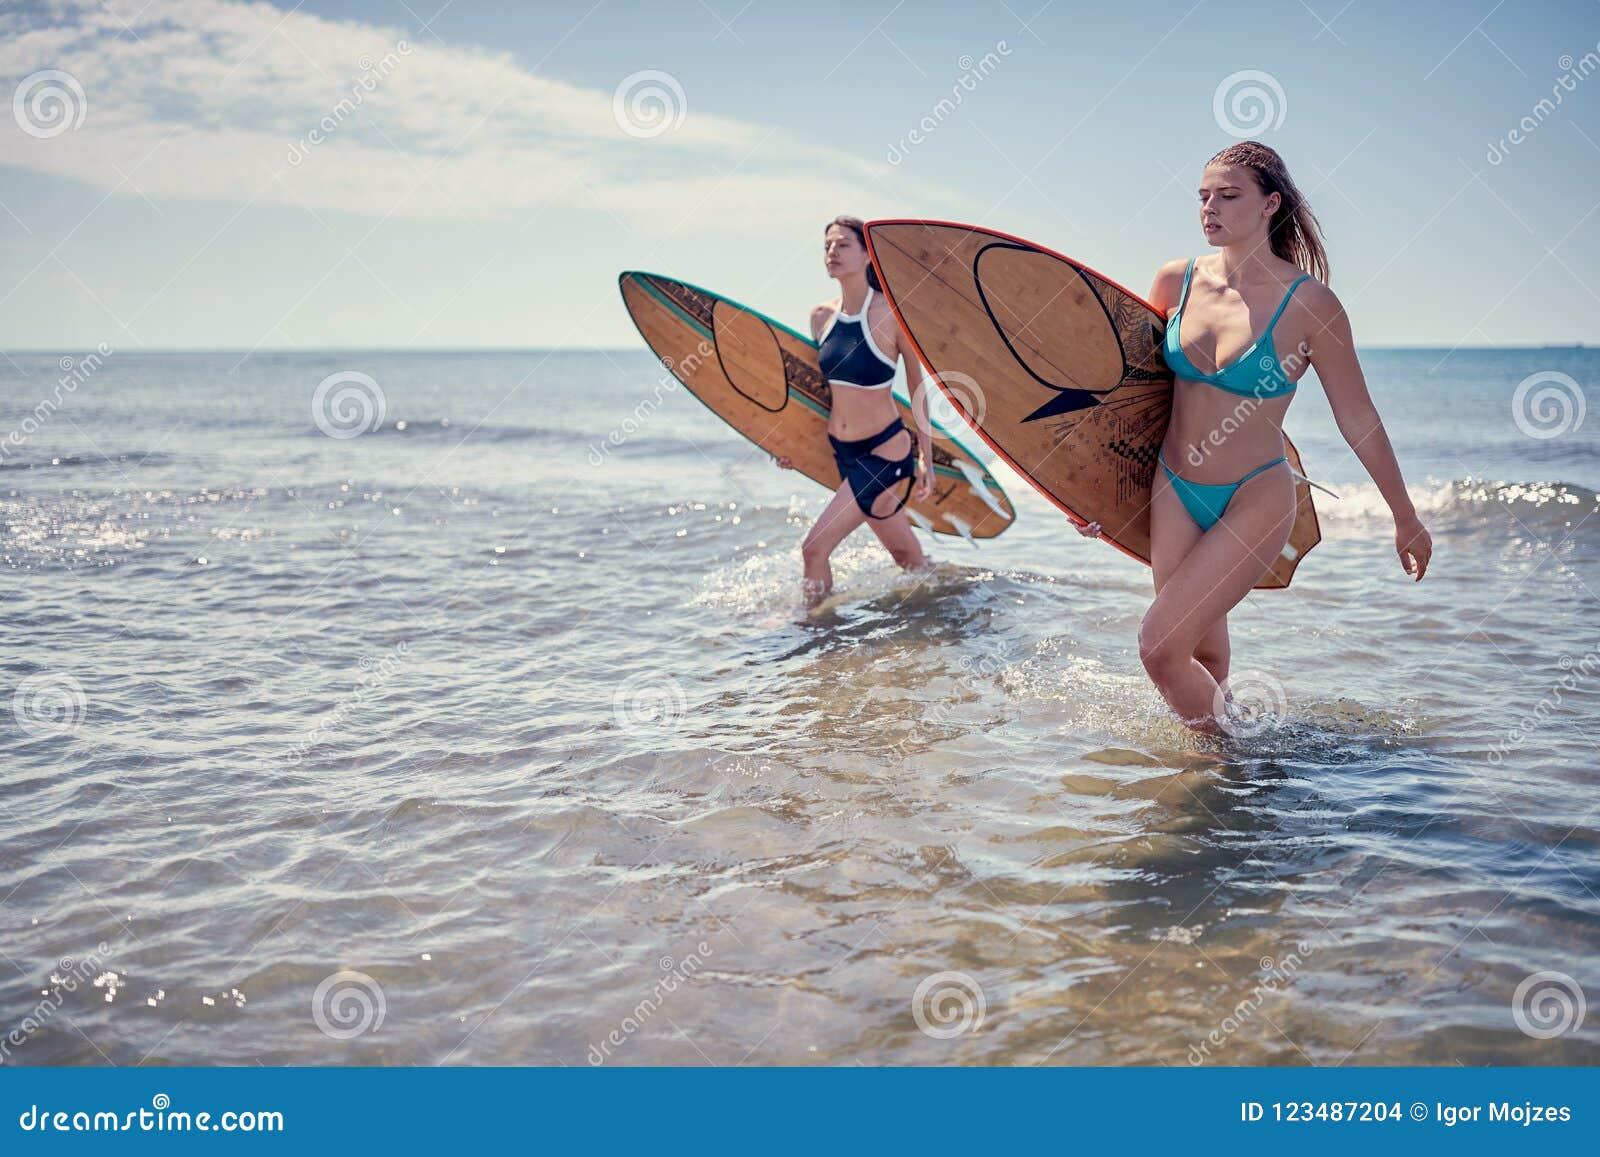 Surfermädchen, das mit Brett geht Surfer-Mädchen Schönes junges Wom